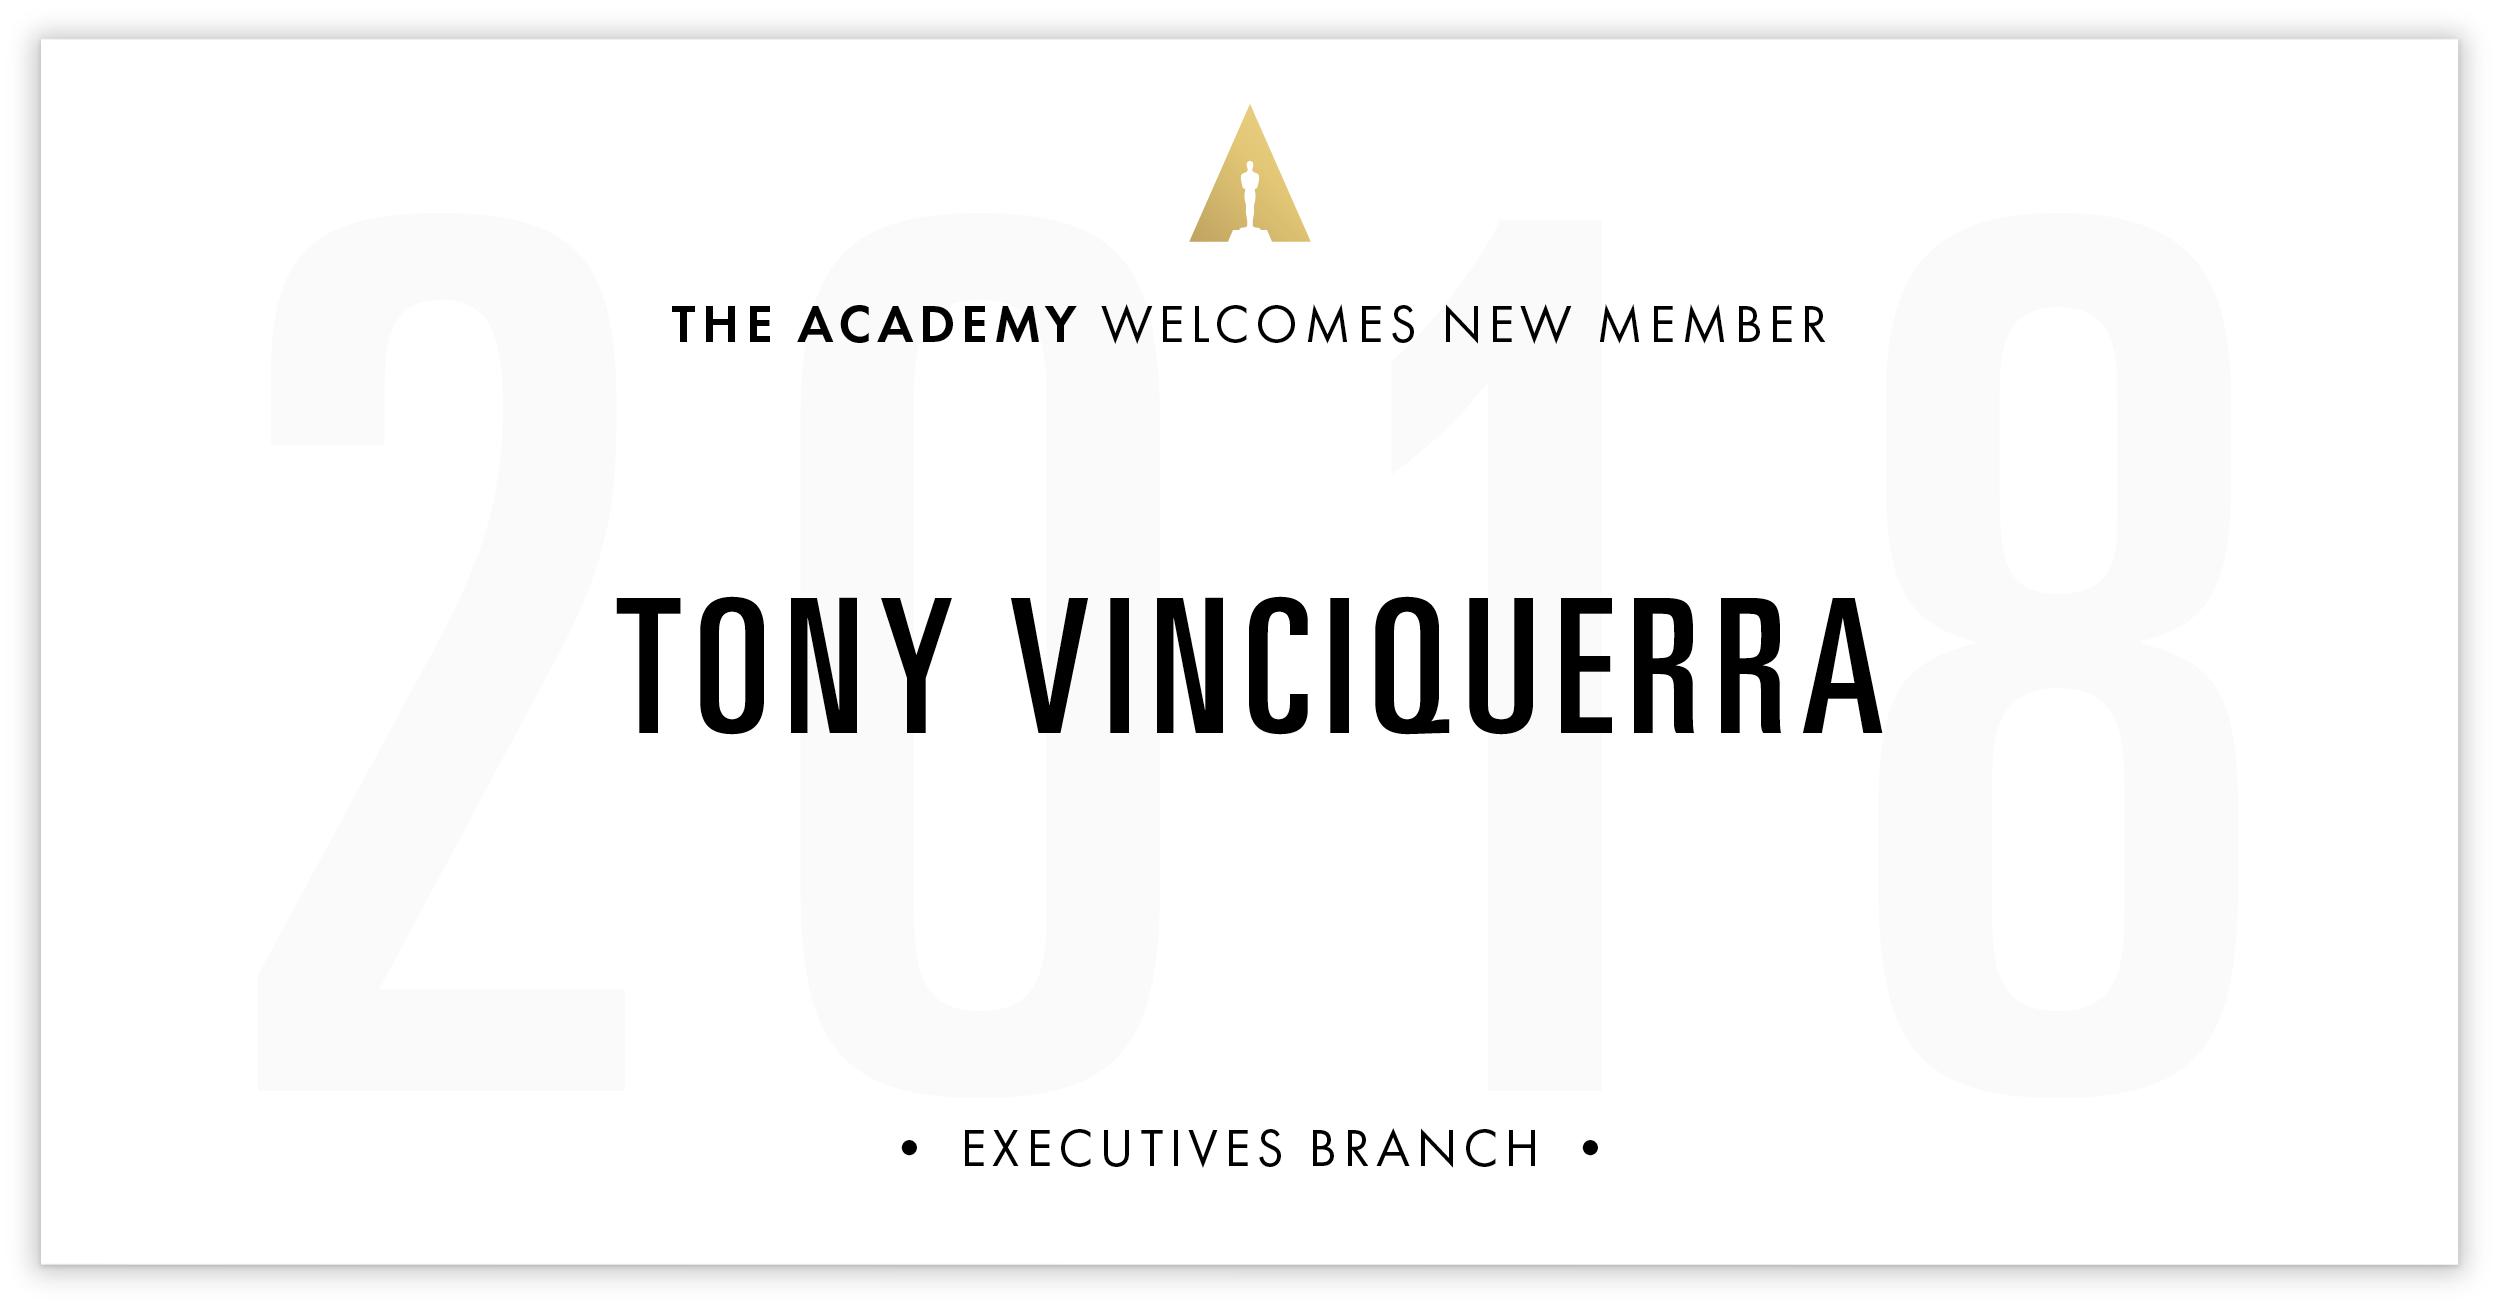 Tony Vinciquerra is invited!